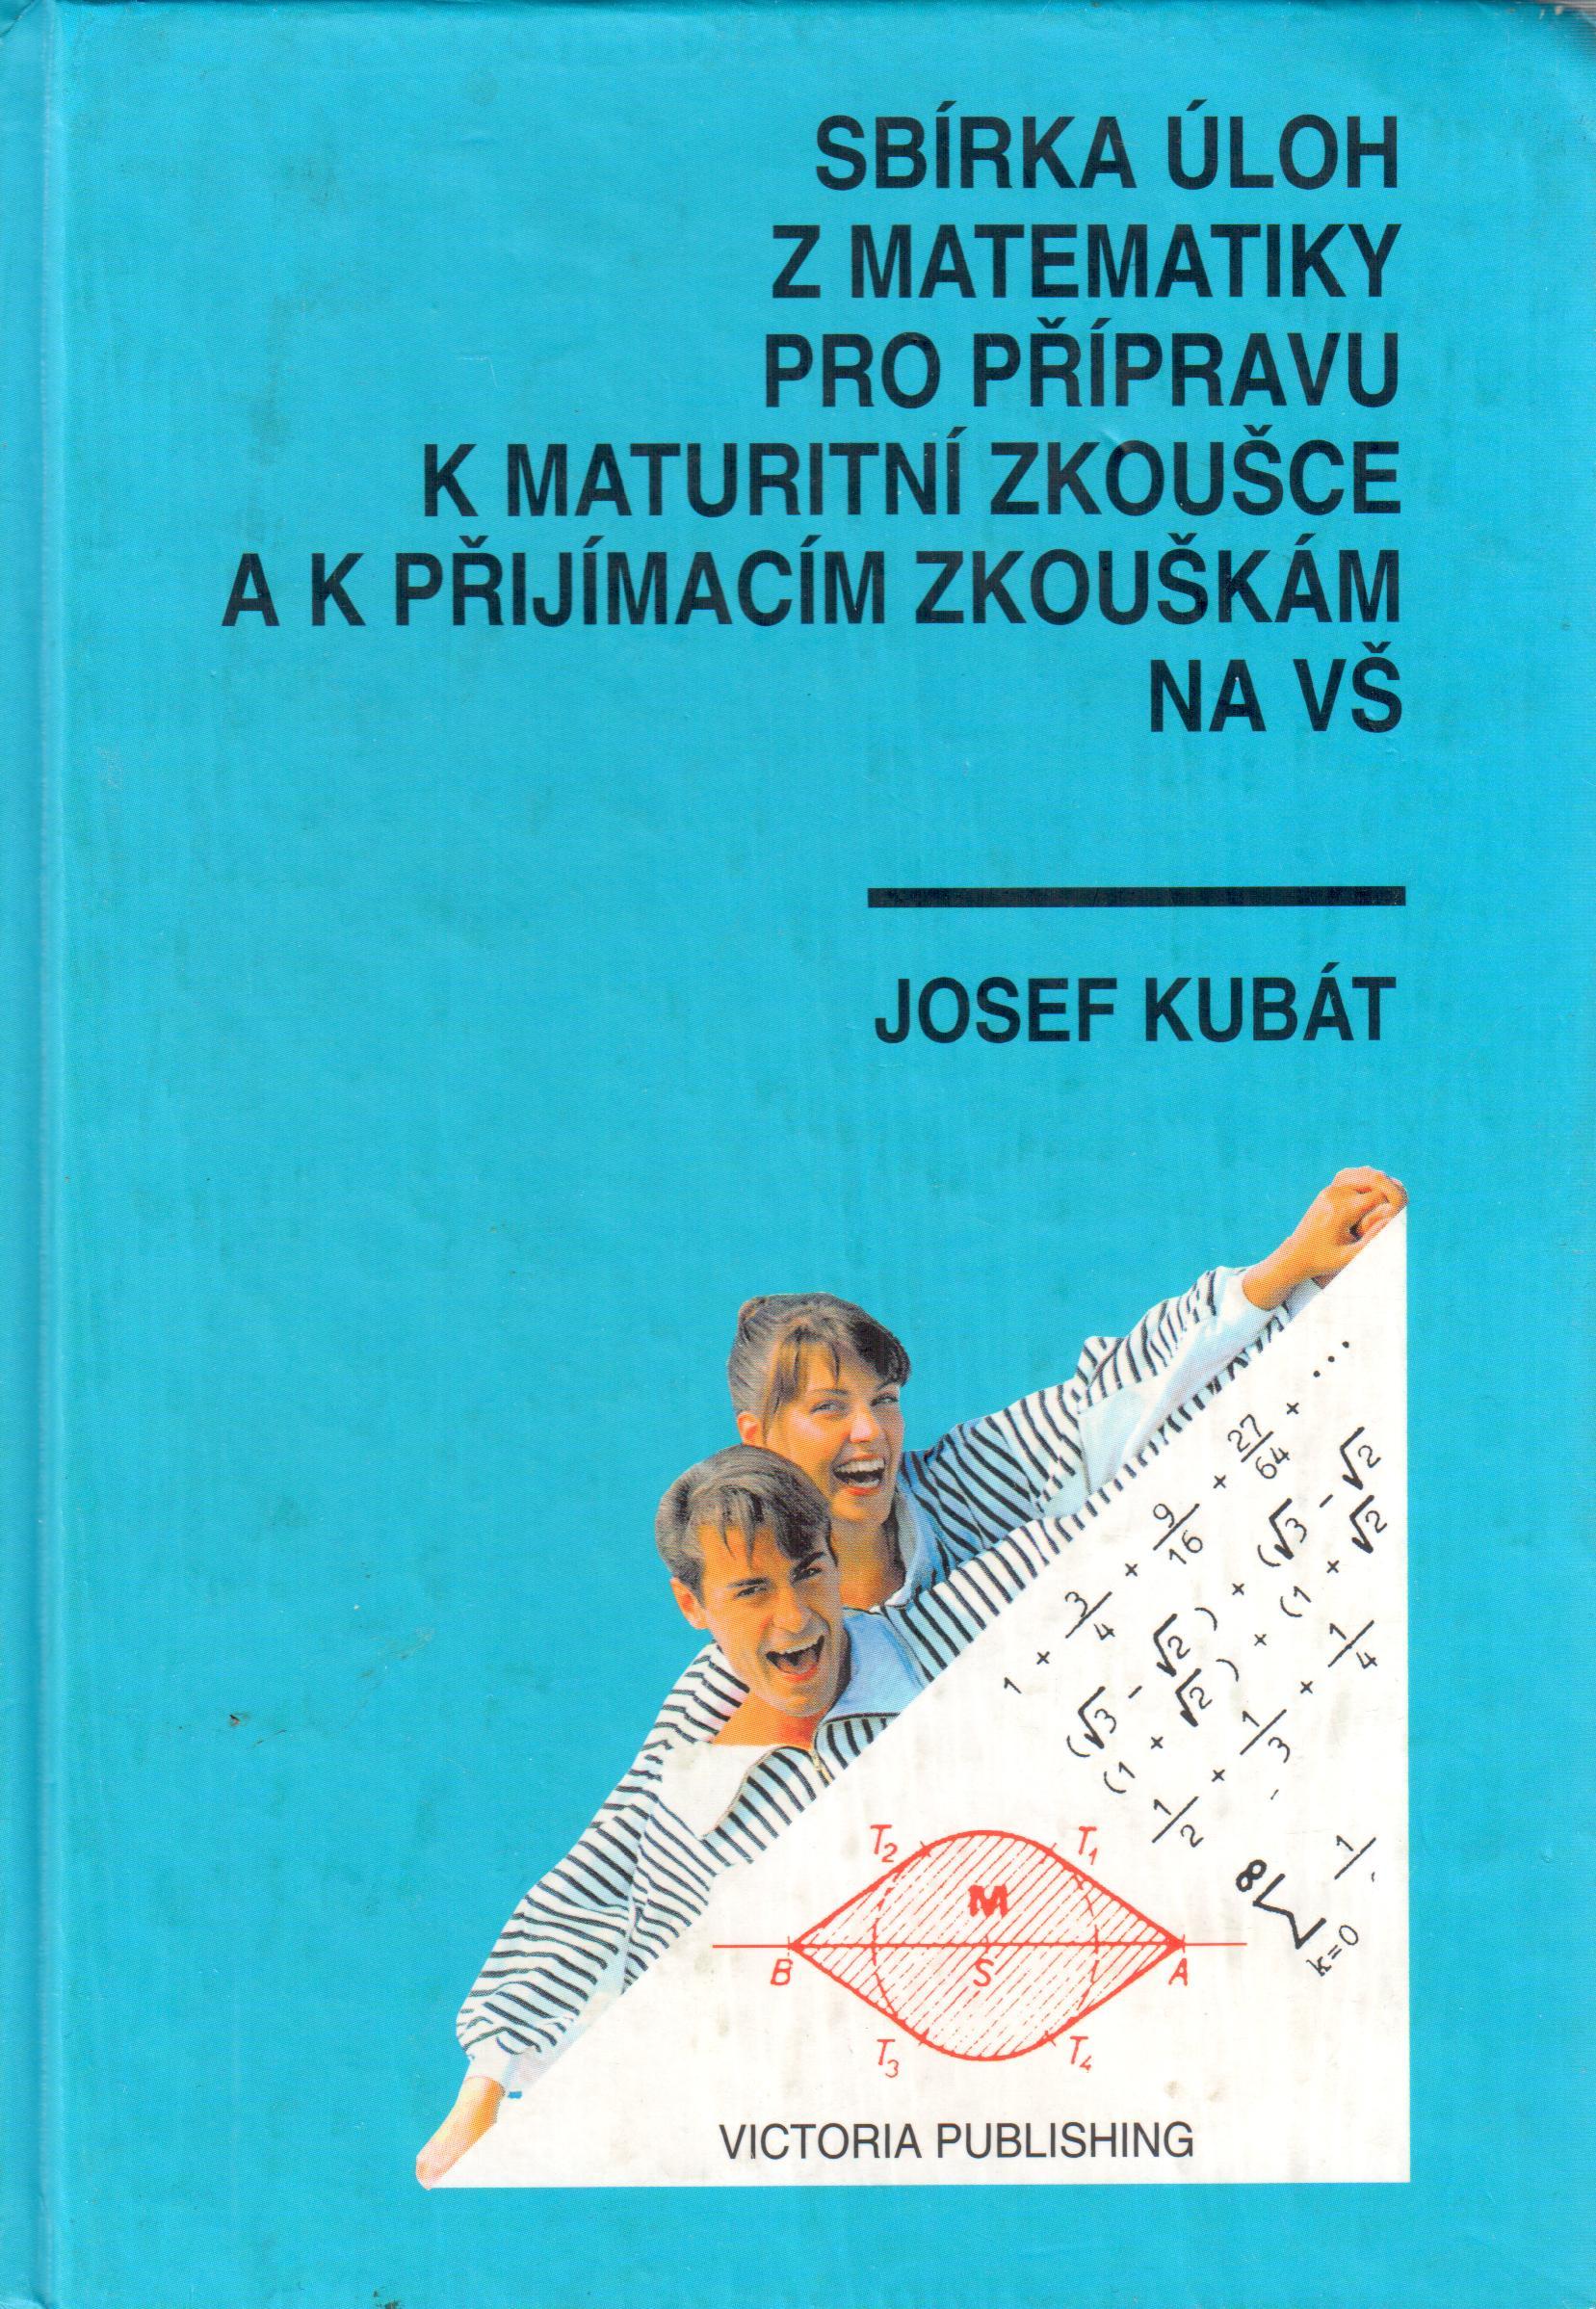 Sbírka úloh z matematiky pro přípravu k maturitní zkoušce a k přijímacím zkouškám na VŠ - Náhled učebnice